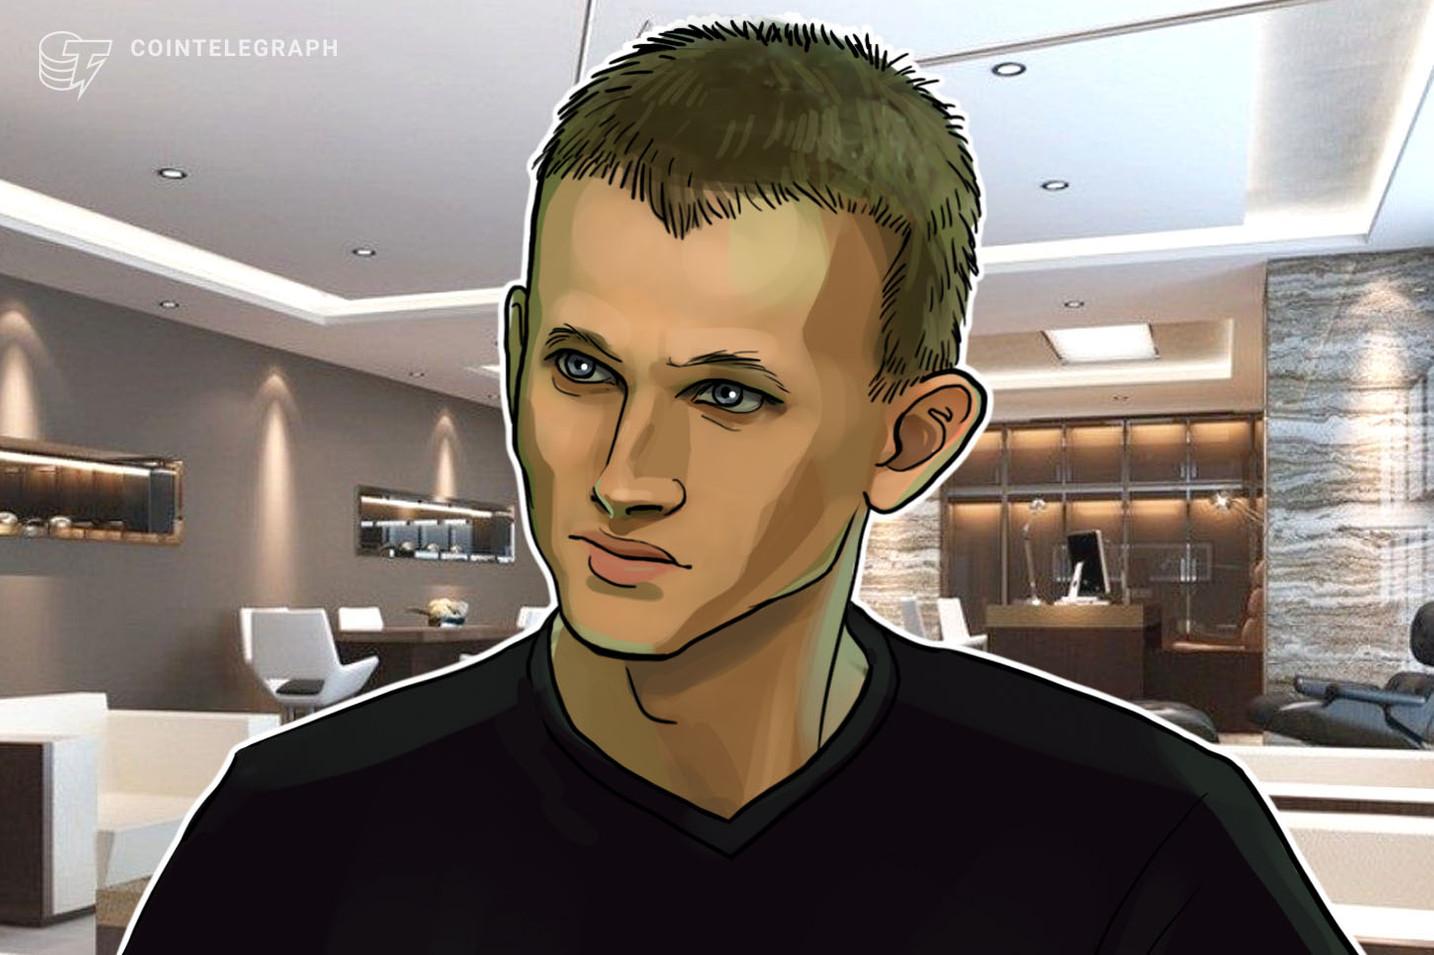 Criador do Ethereum, Vitalik Buterin diz que moedas fiduciárias e criptomoedas devem coexistir